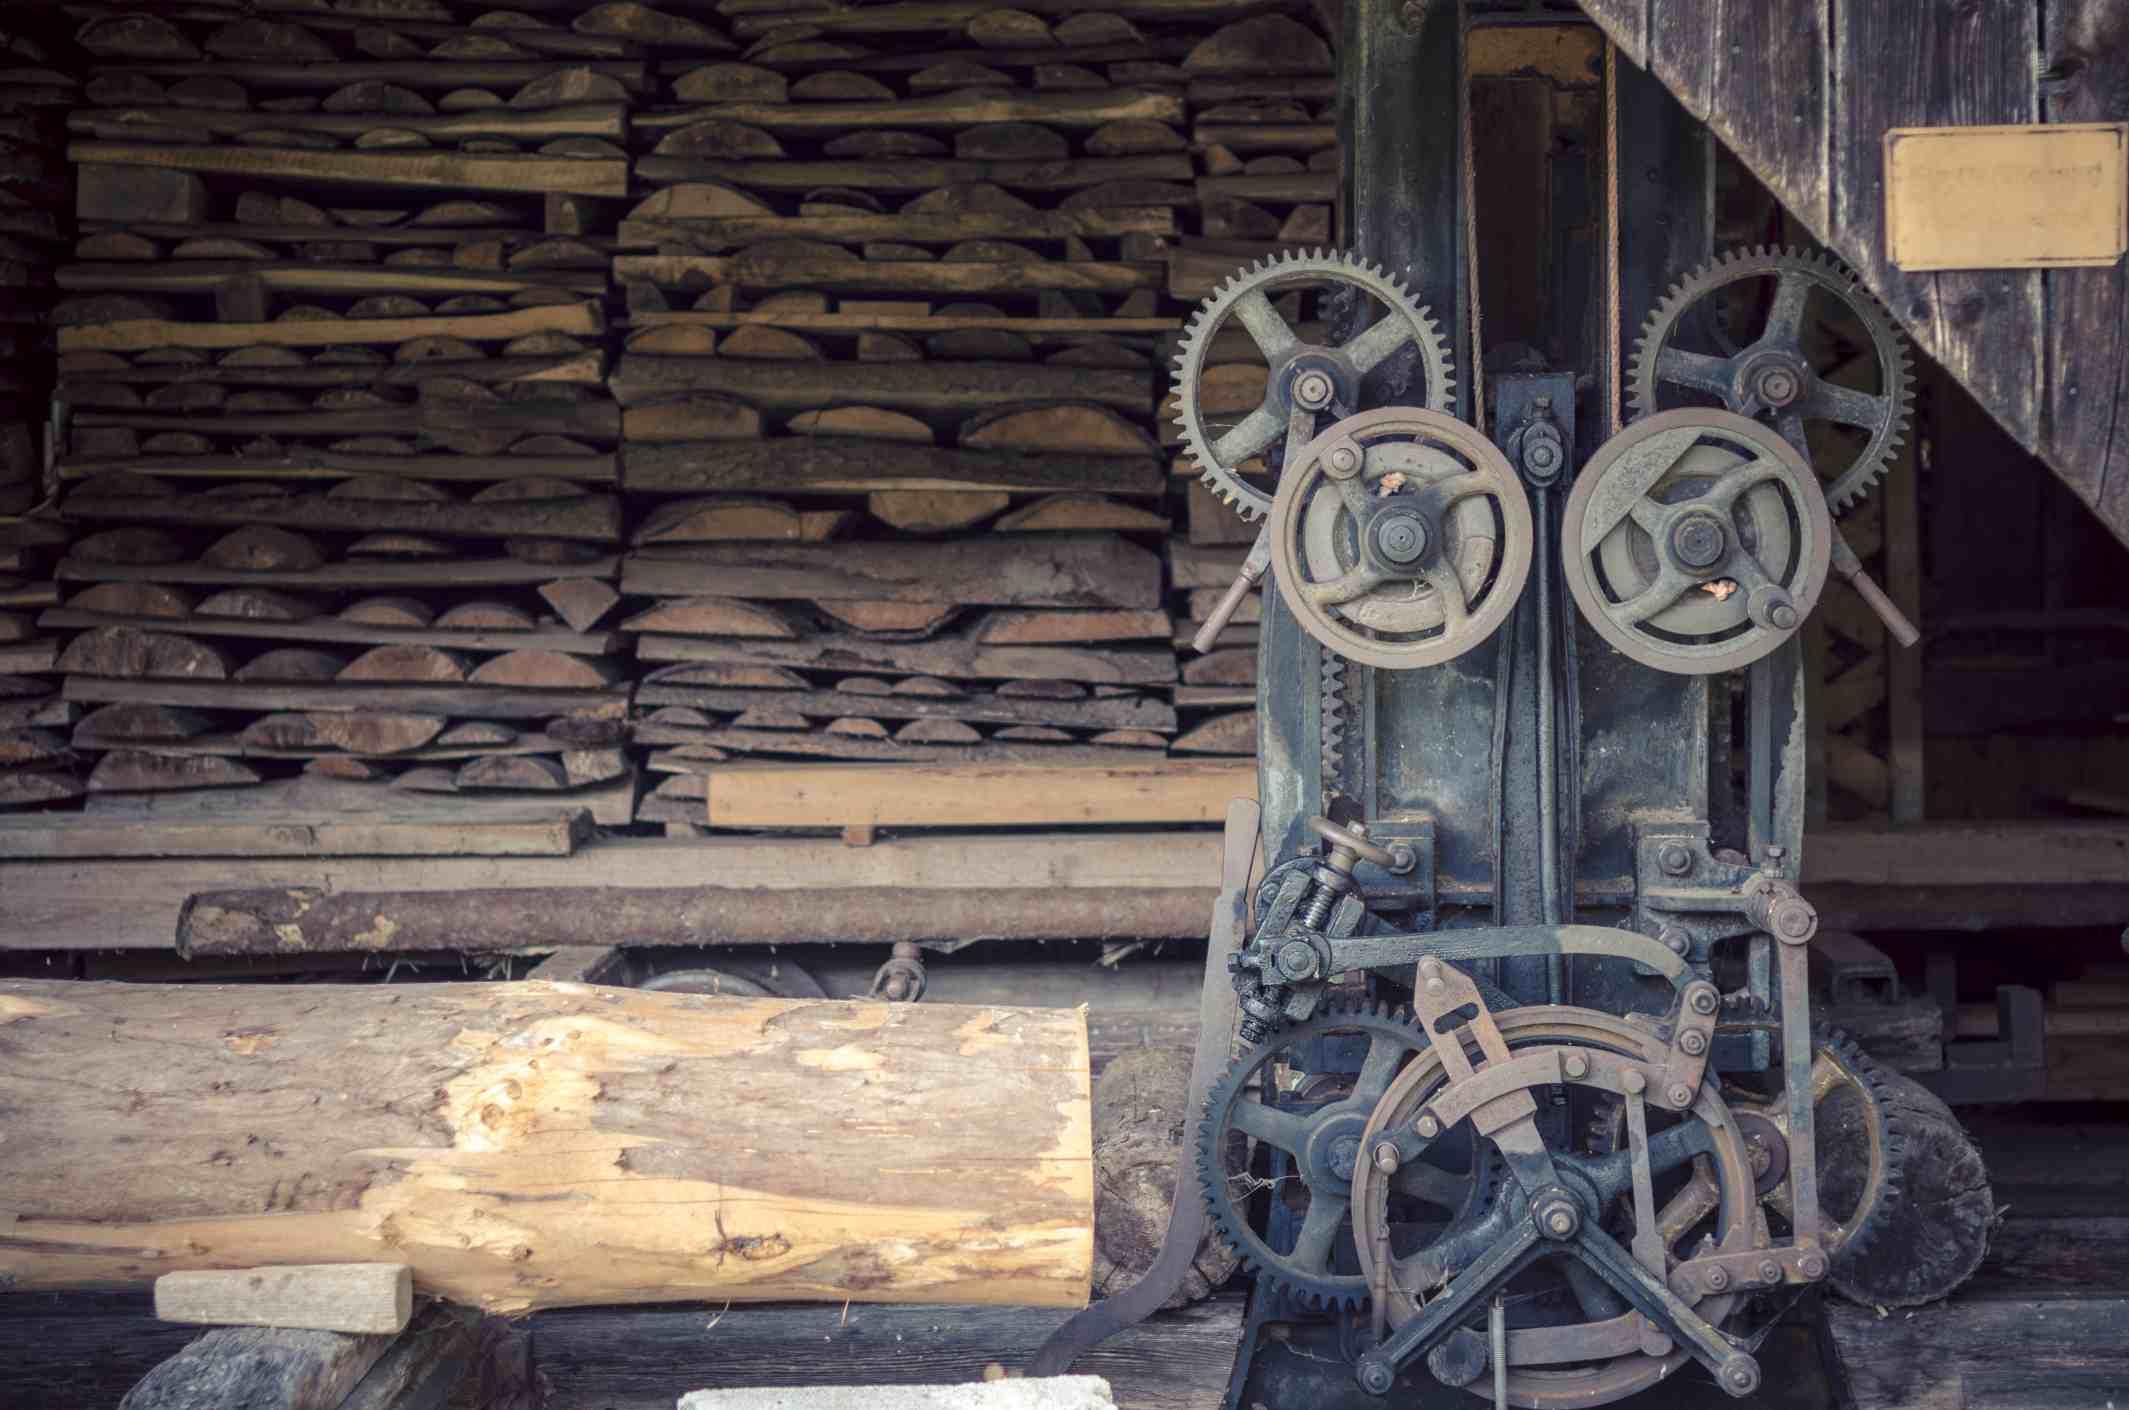 Los molinos de viento antiguos funcionaban como aserraderos.